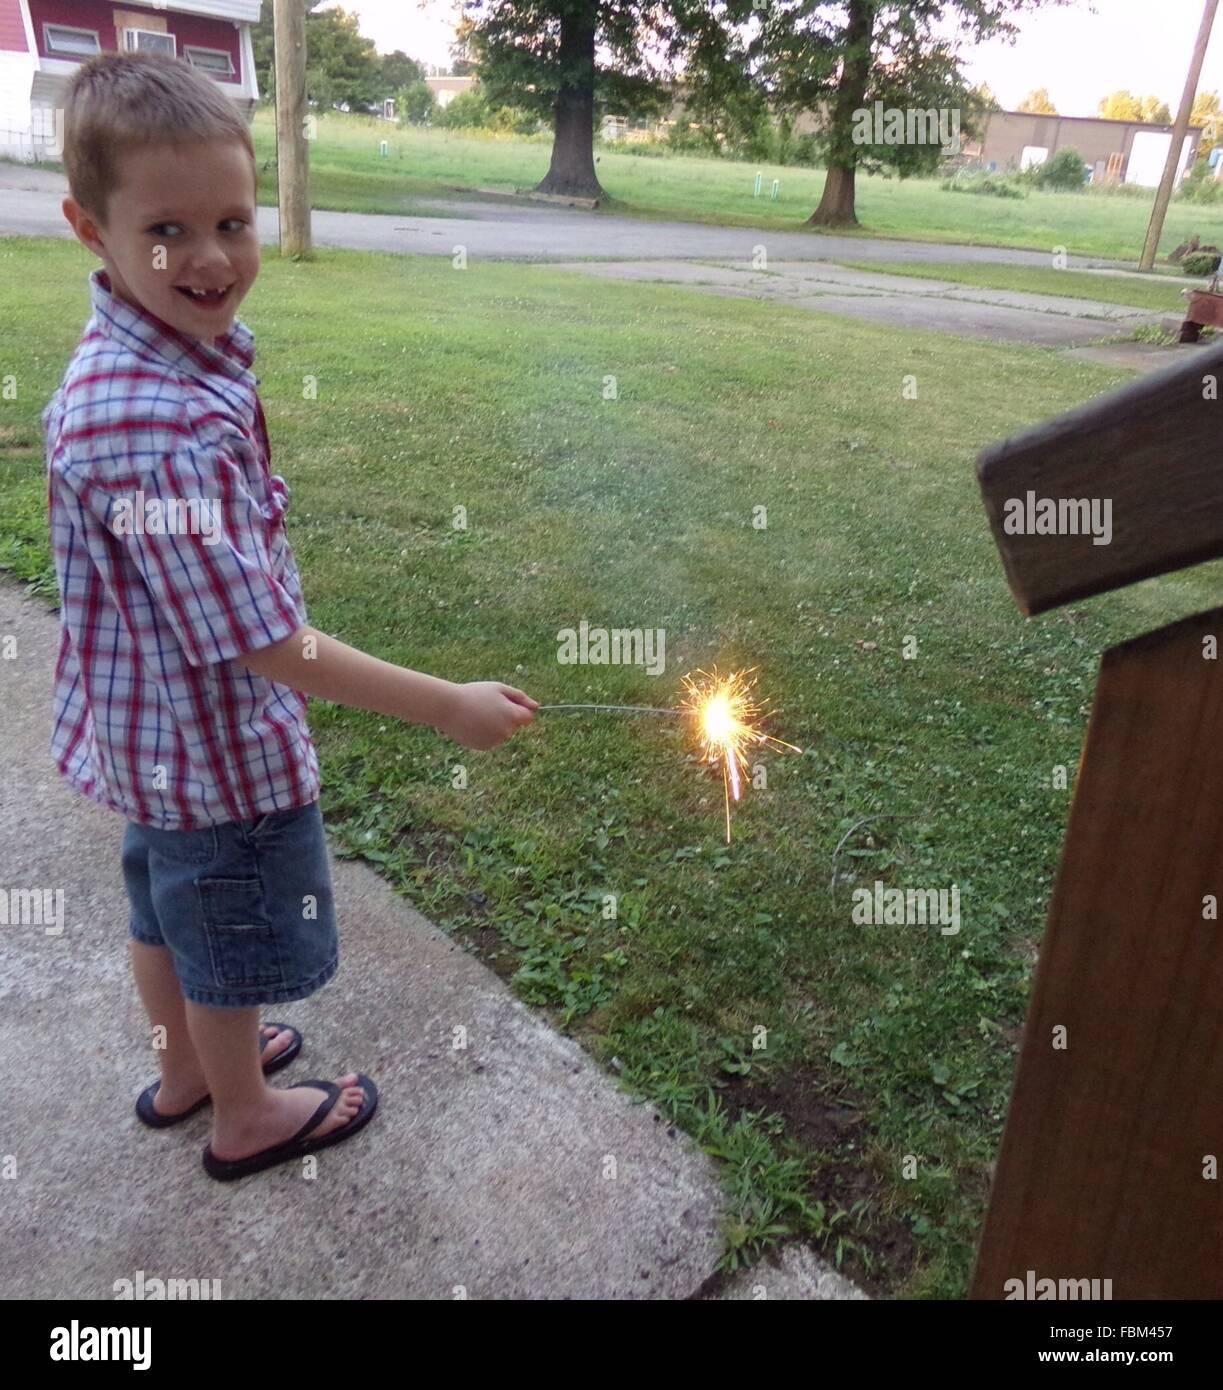 Voller Länge von fröhlicher Junge spielt mit Wunderkerze In Hof Stockbild